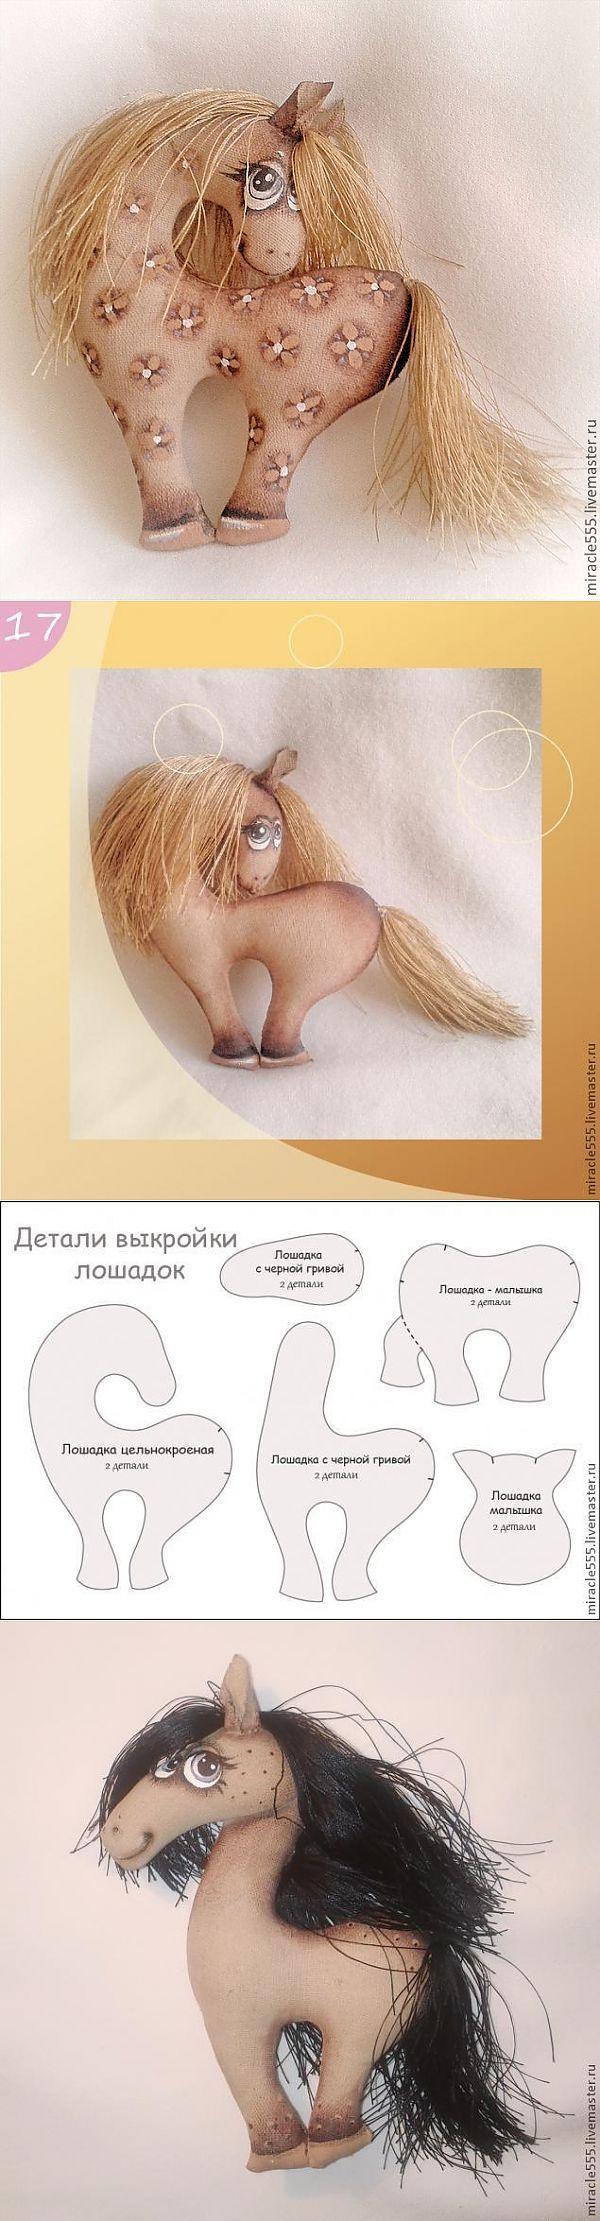 Гламурная кофейная лошадка к Новому году. Шьем текстильную игрушку. | куклы | Постила